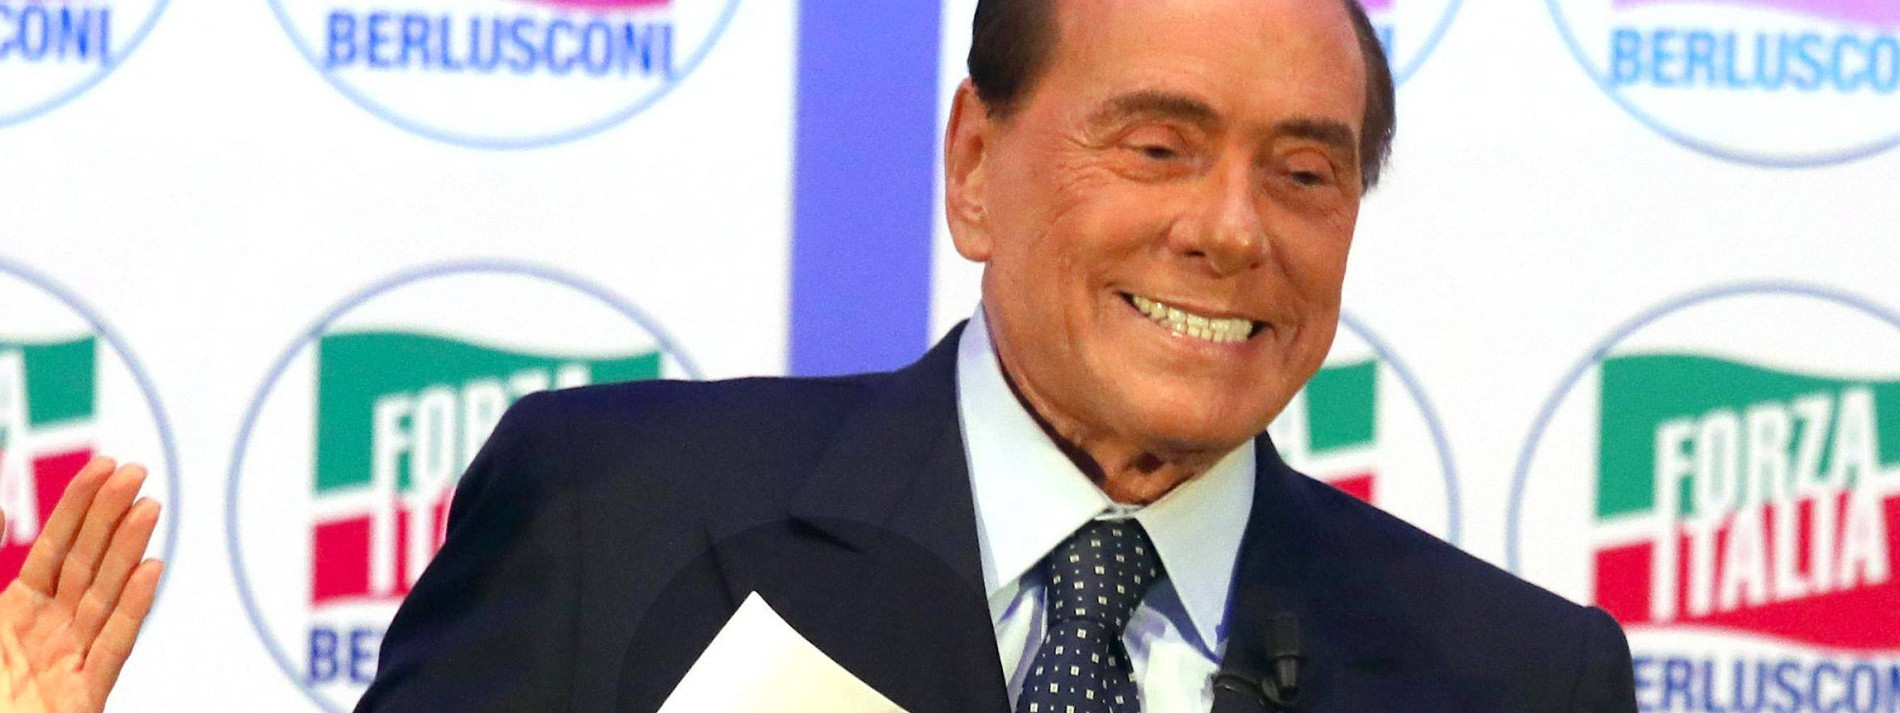 Berlusconi und sein neues romantisches Abenteuer